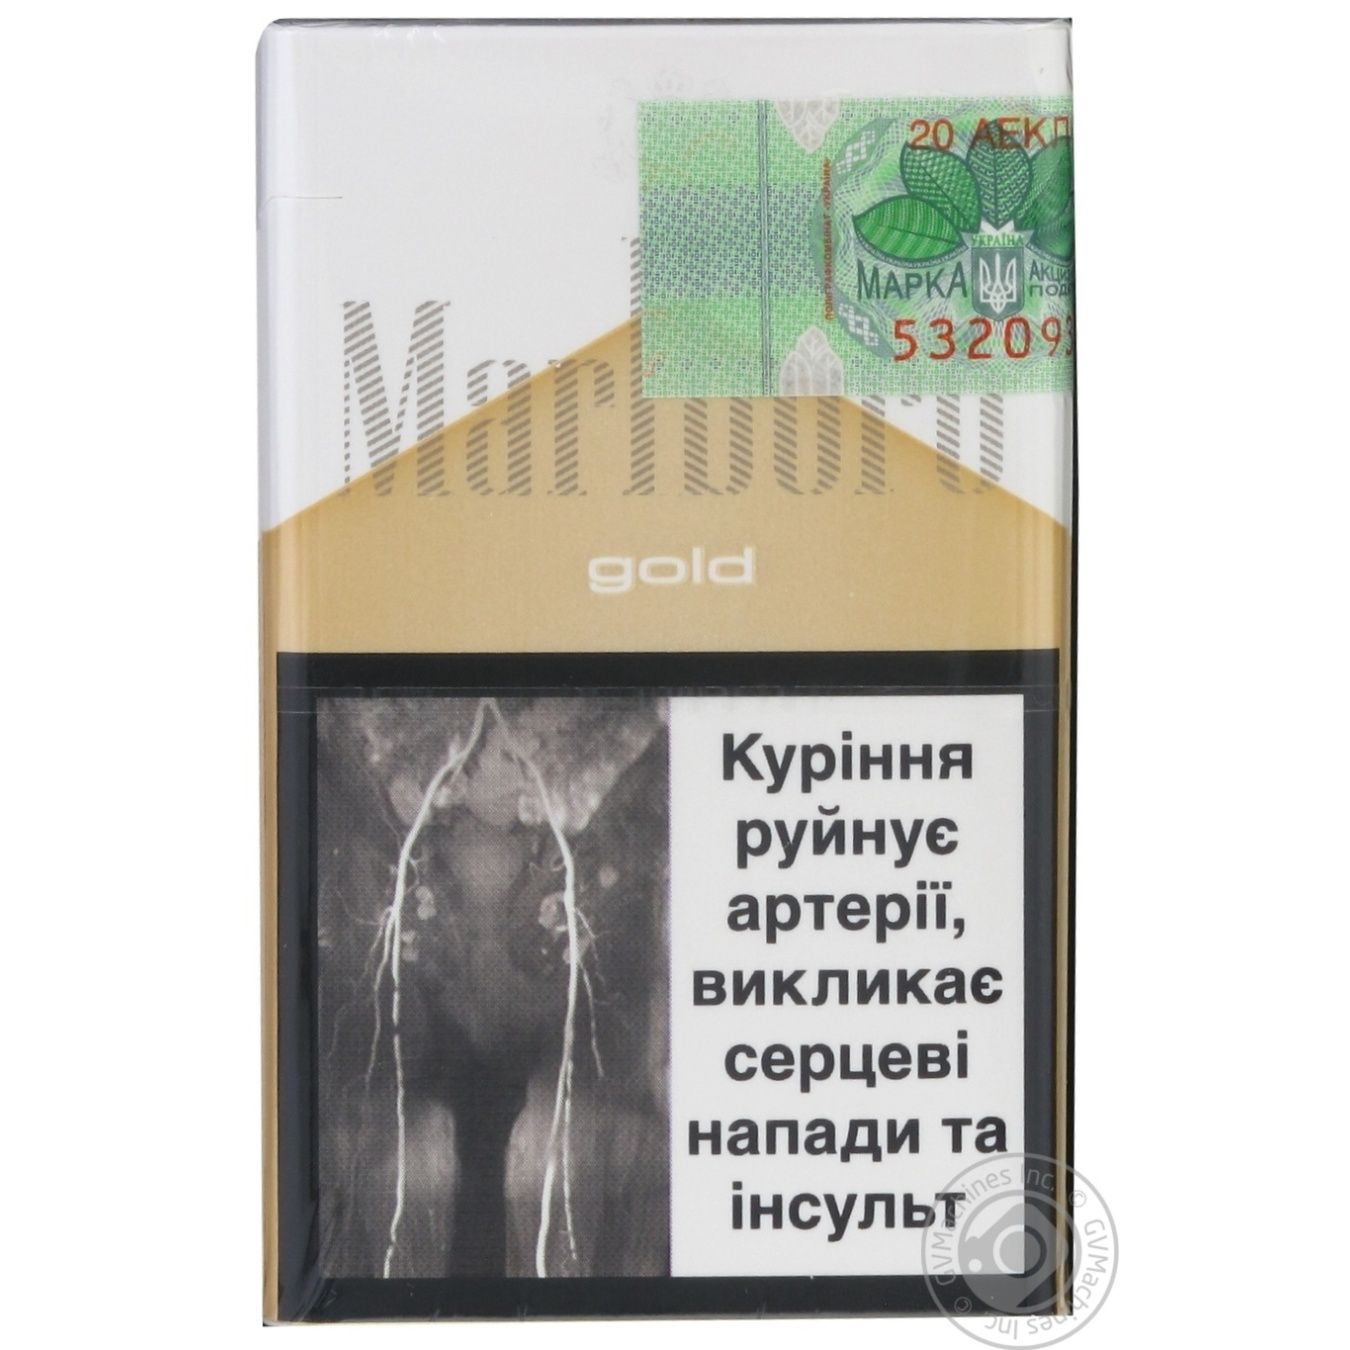 Купить сигареты дома купить сигареты за 70 рублей